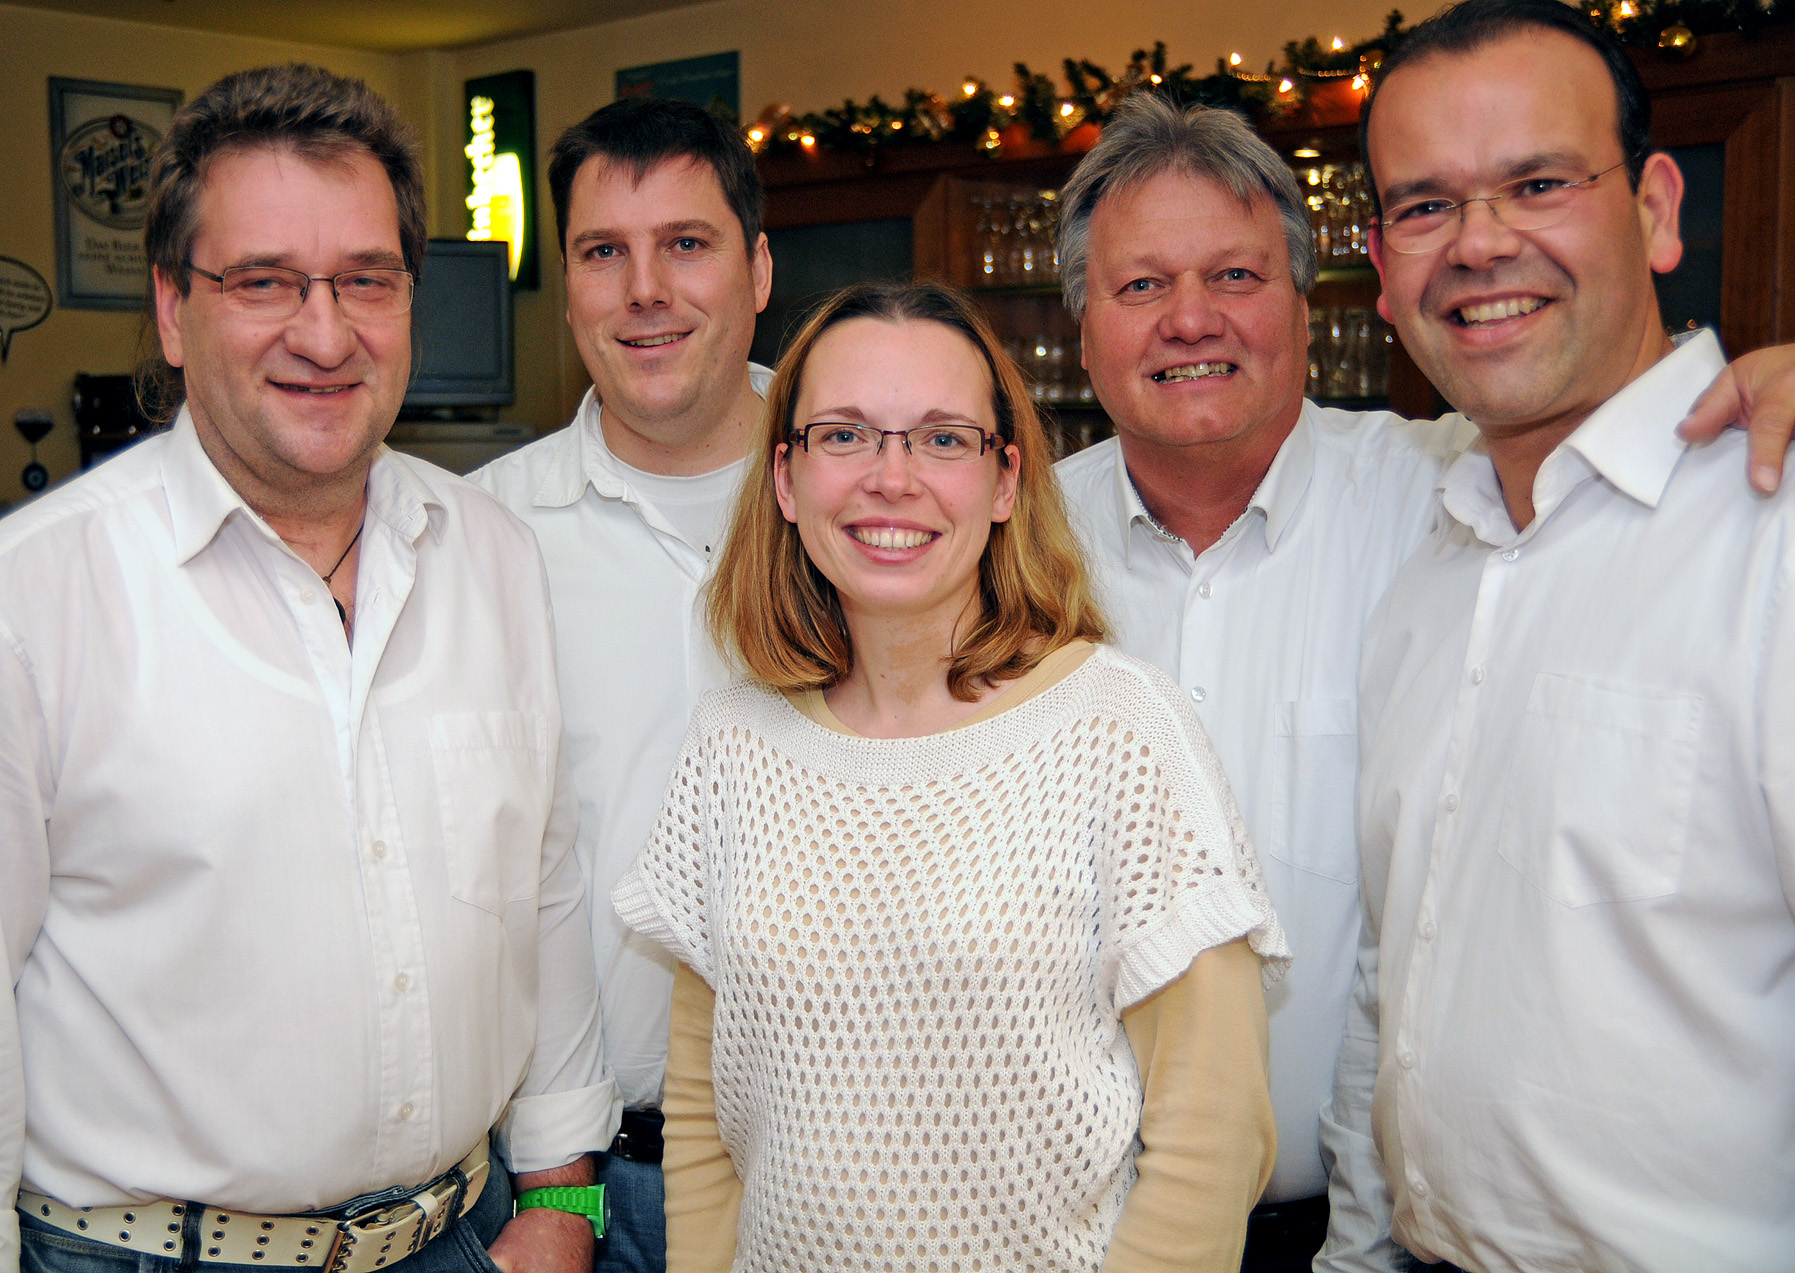 Jahreshauptversammlung der SR-Vereinigung Hildesheim am 17.06.2017